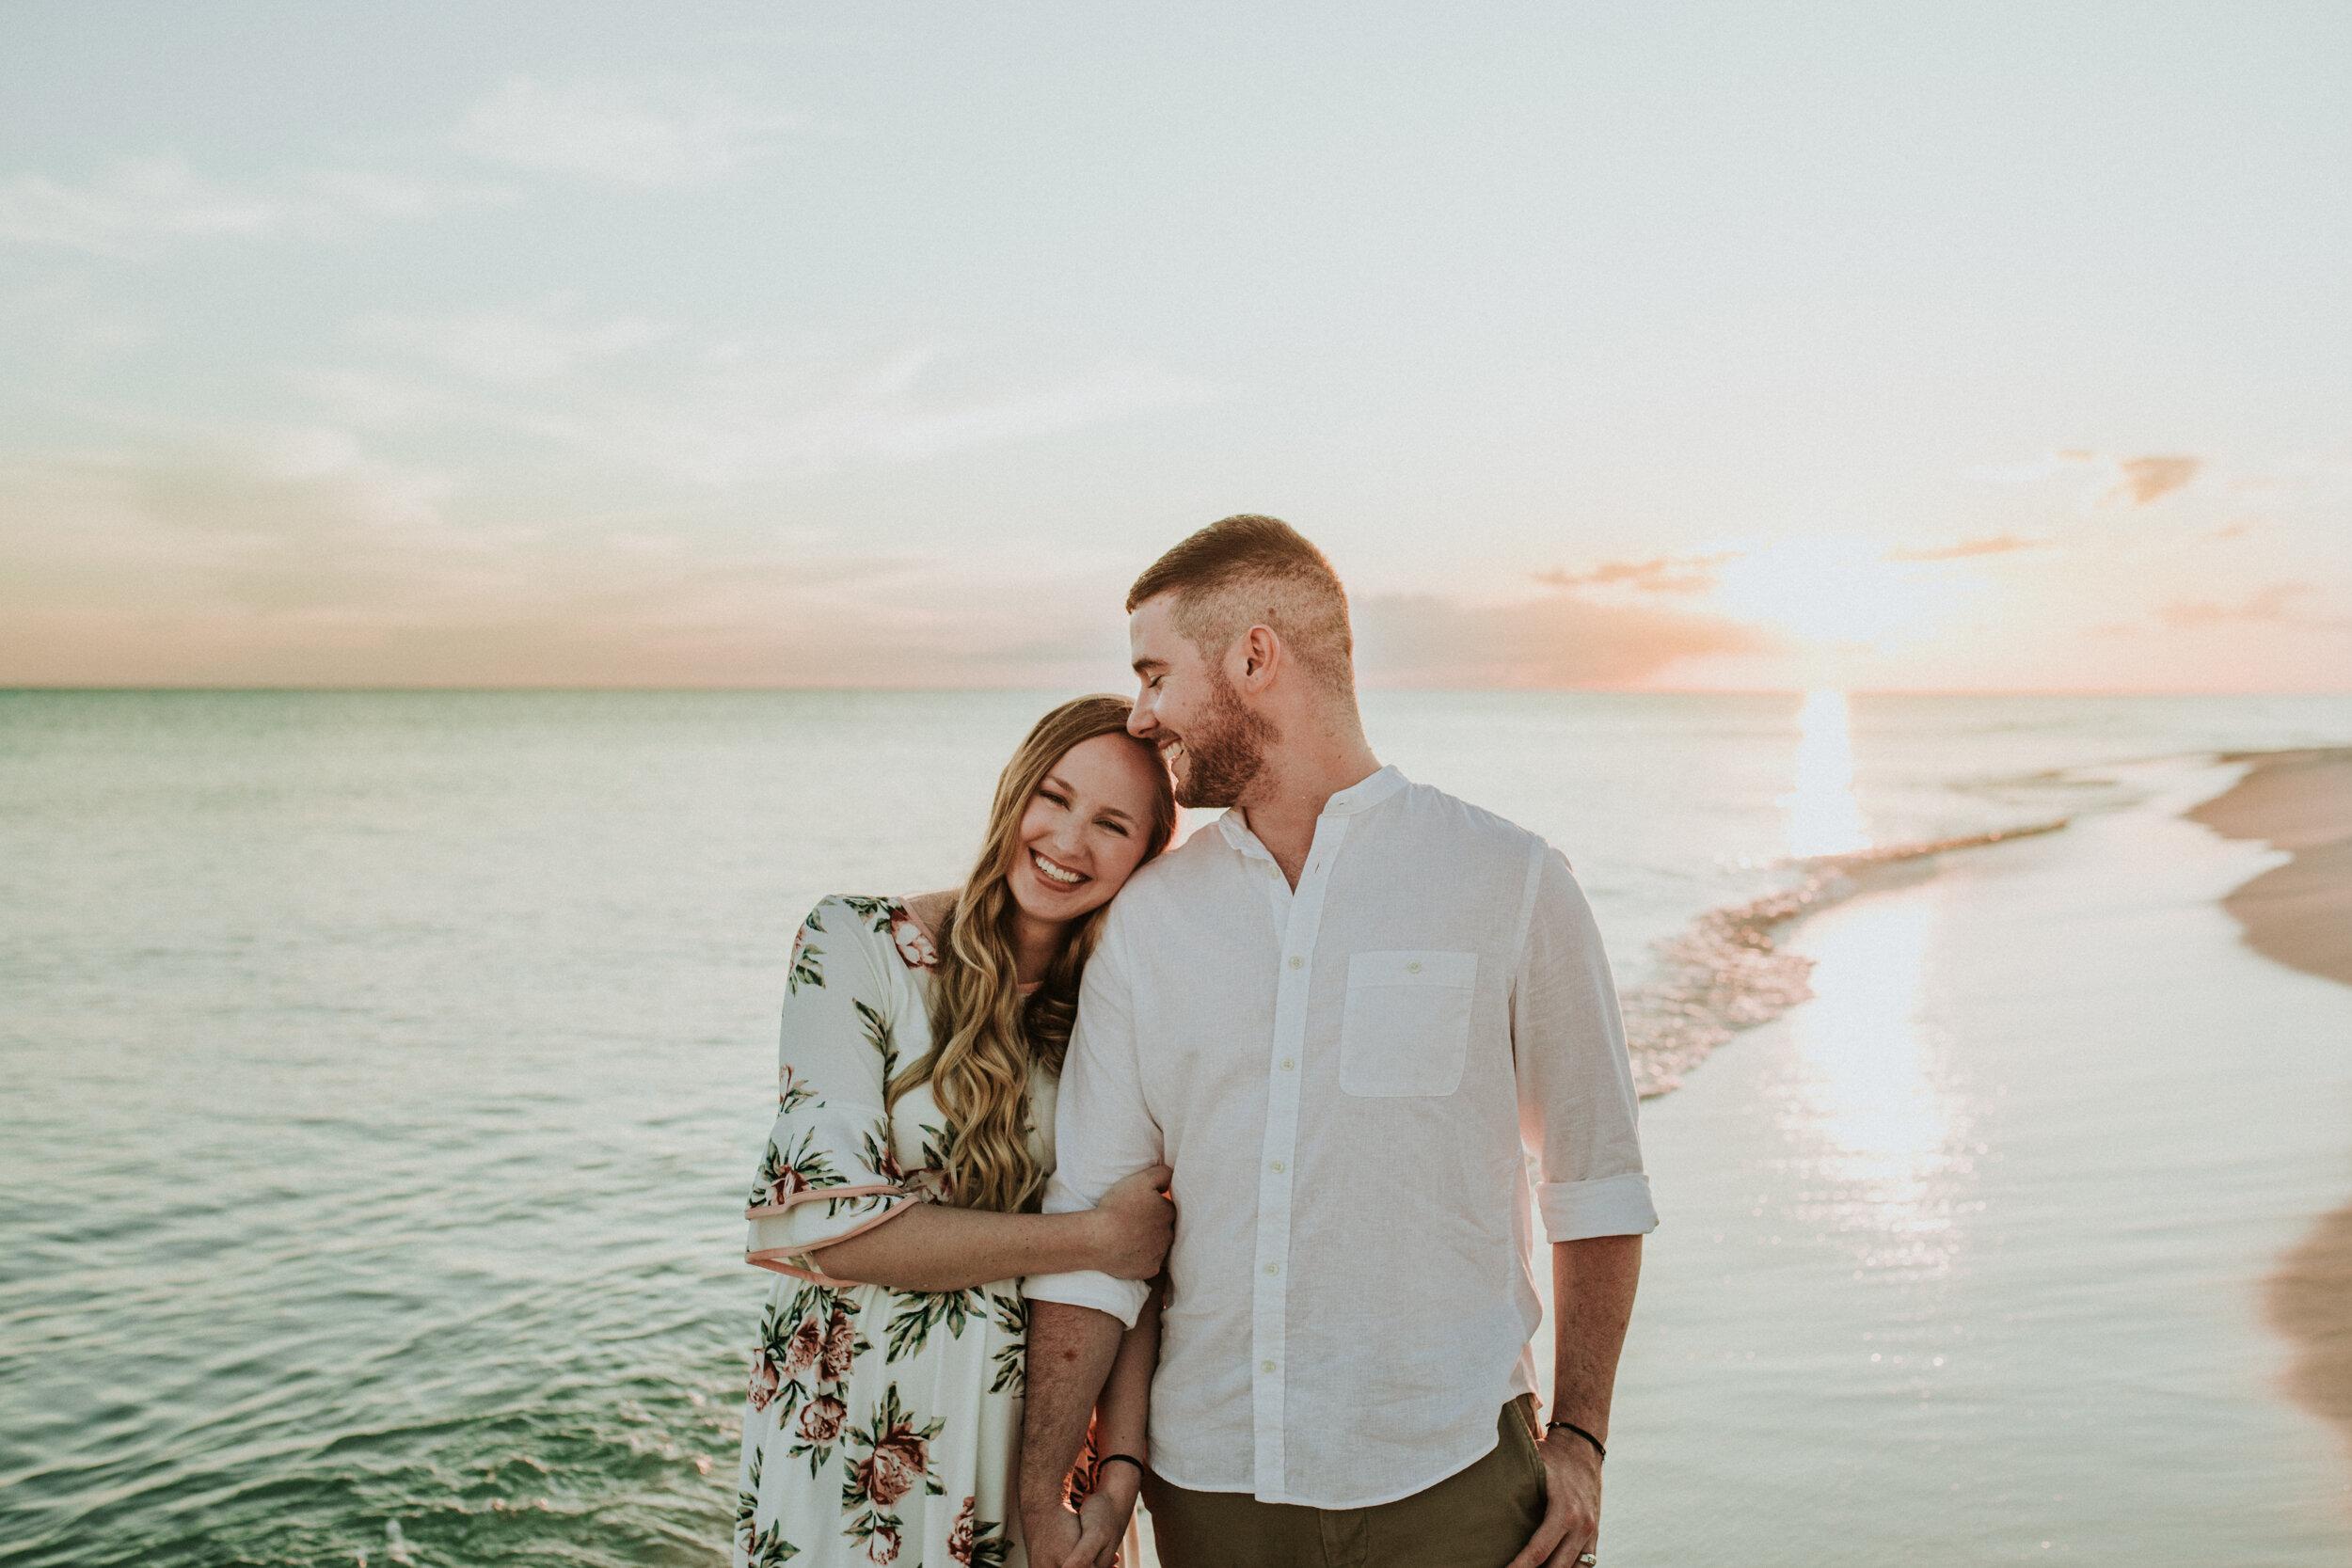 30a_Panama_City_Beach_Florida_Maternity_Couples_Beach_Photographer-17.jpg